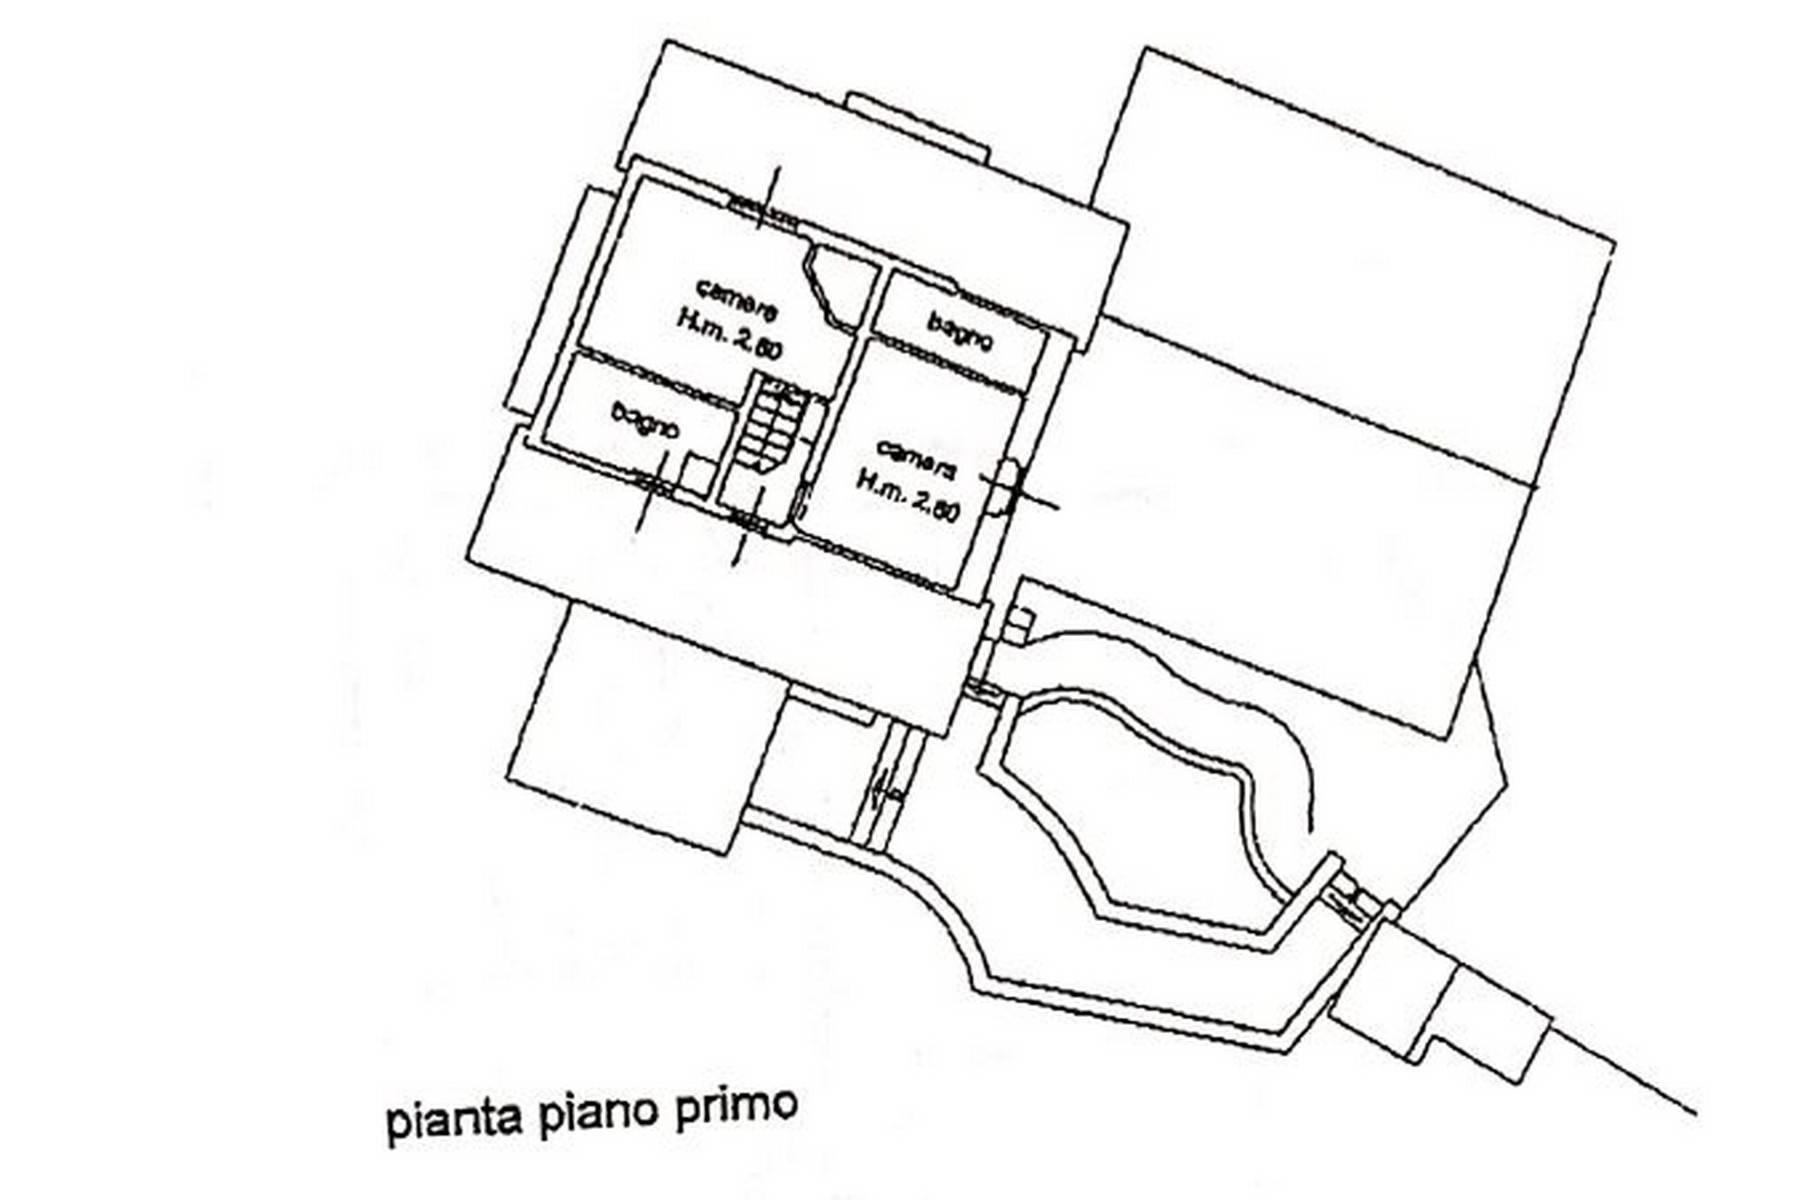 Rustico in Vendita a Capalbio: 5 locali, 170 mq - Foto 1